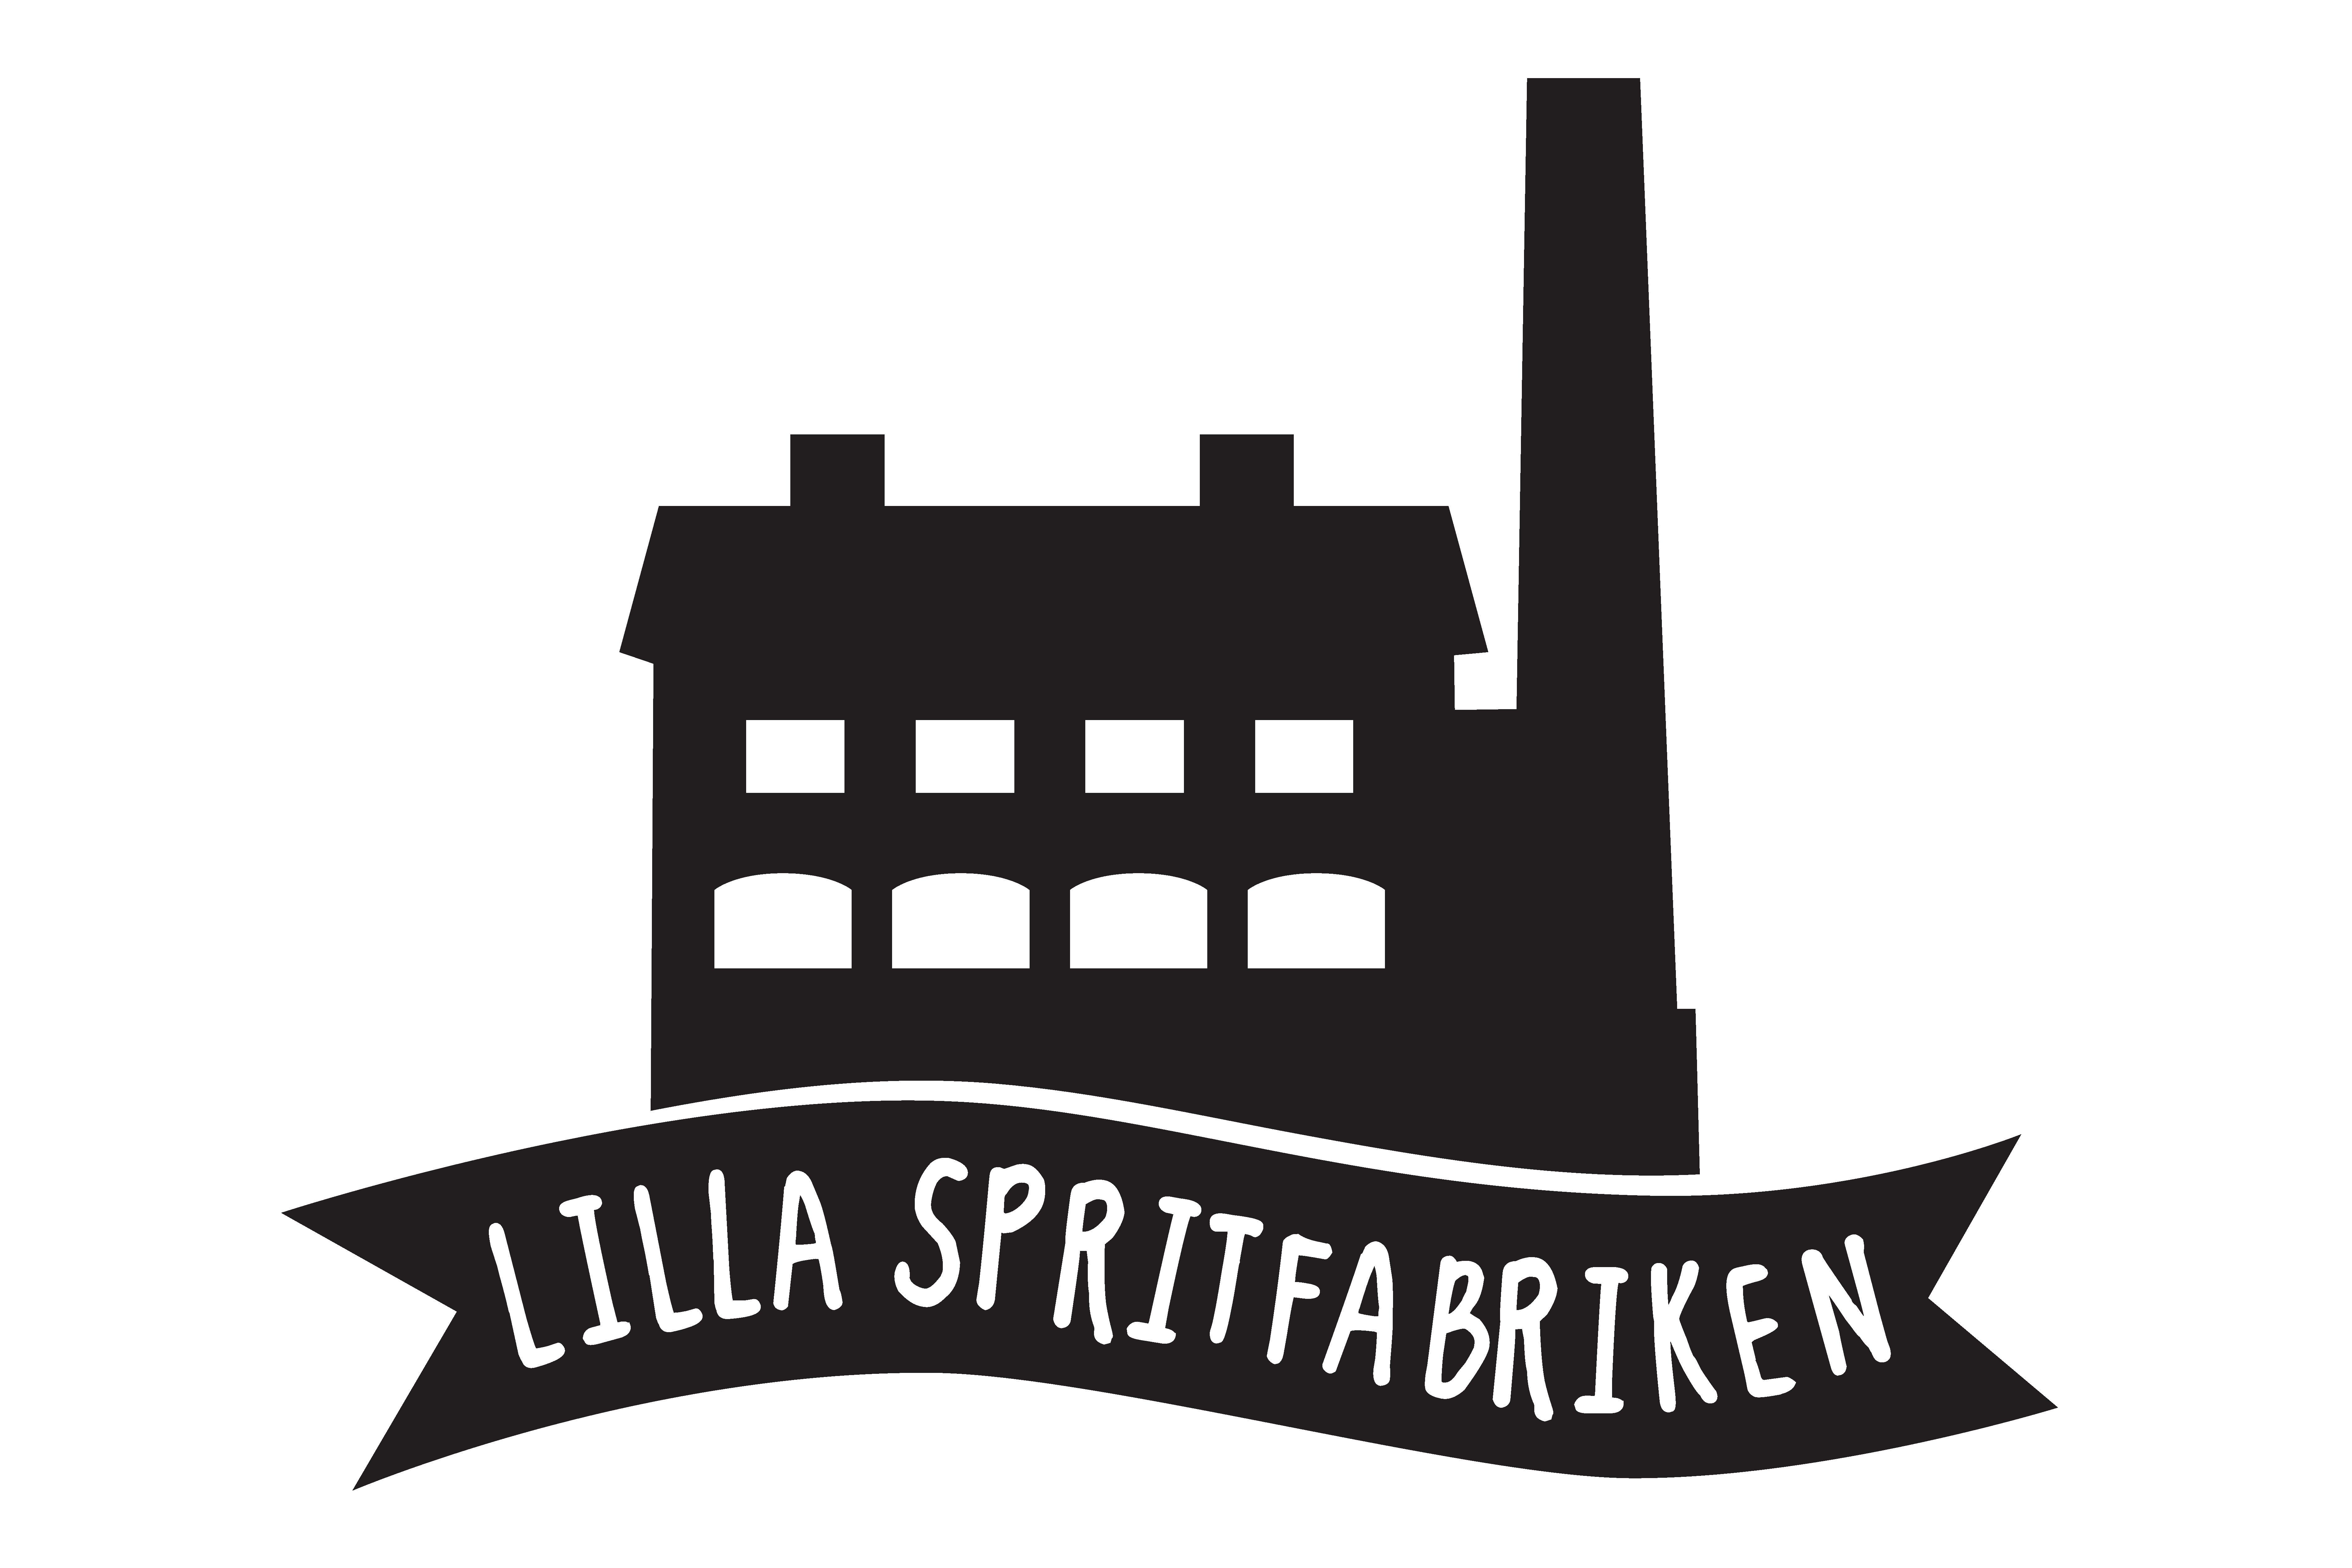 Lilla Spritfabriken